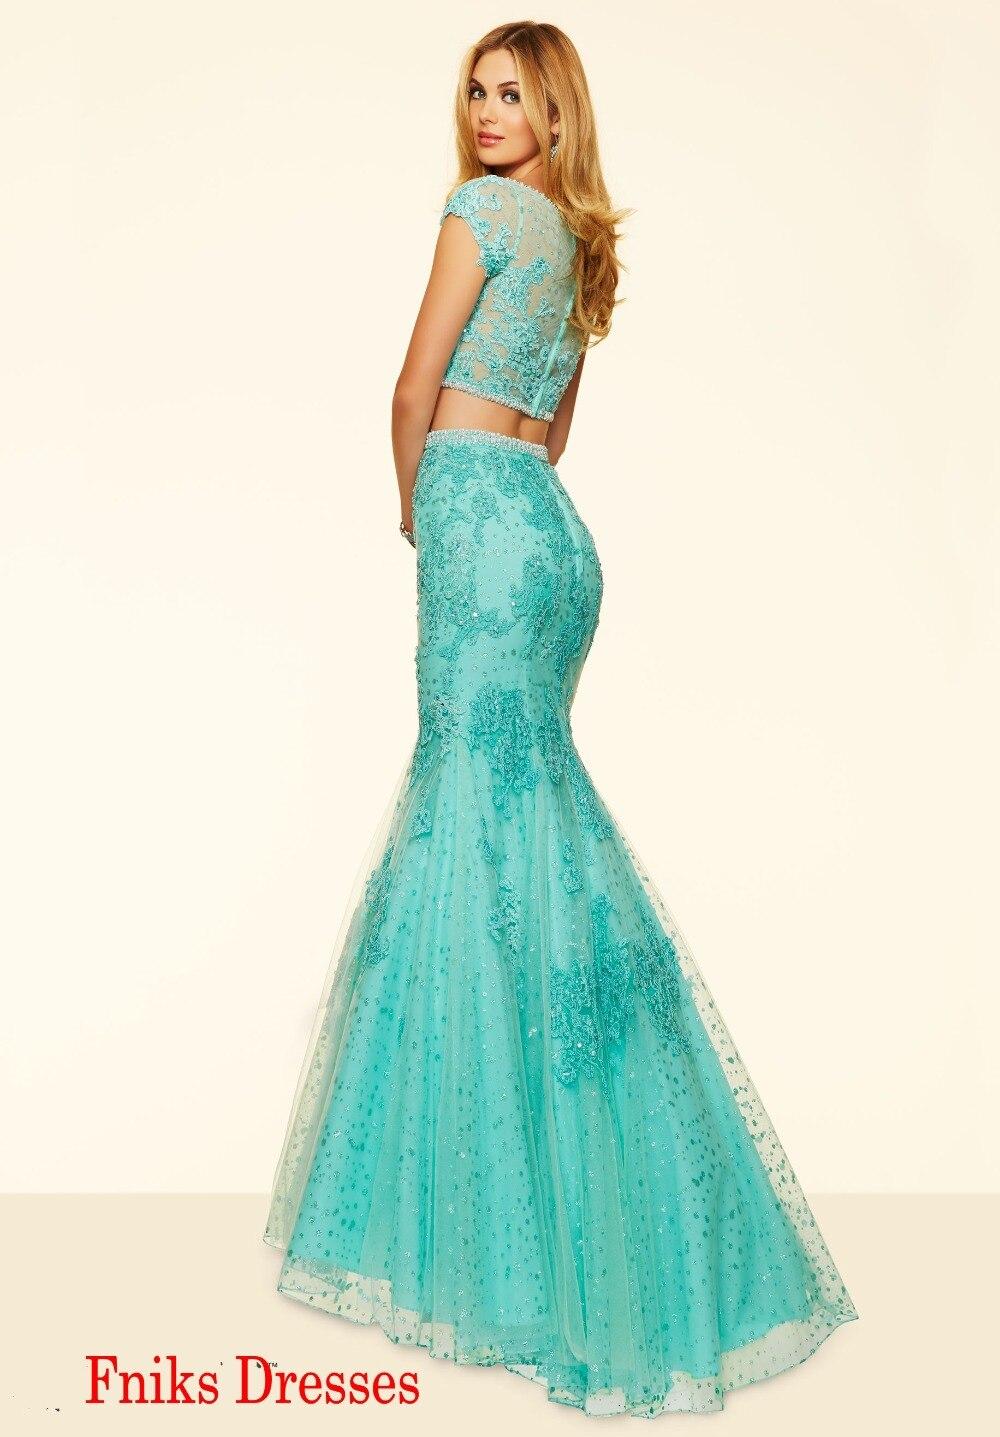 c6336312c Dos pedazos largos de la sirena vestidos fiesta 2016 vestidos elegantes  verde menta Appliques del cordón con encanto corto Cap manga vestido de  fiesta para ...